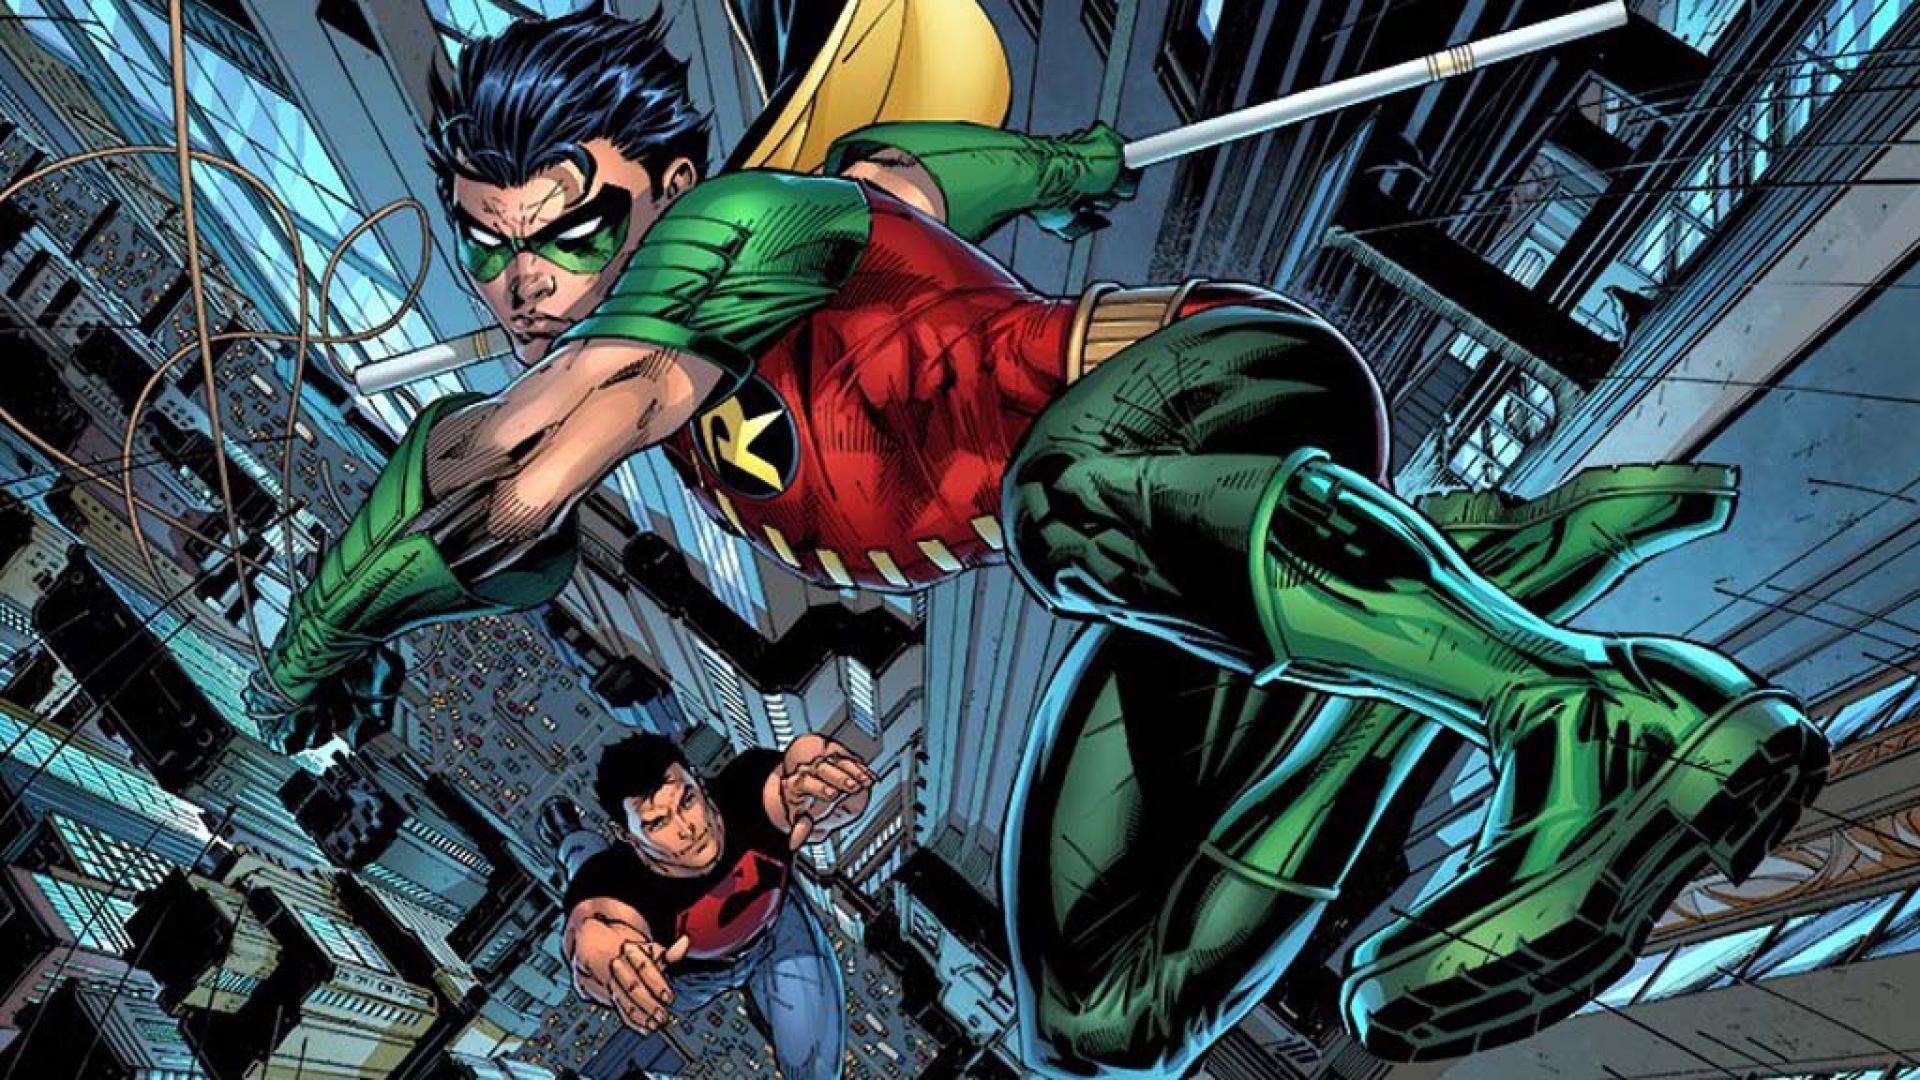 Dc comics robin superboy teen titans young justice wallpaper HQ .